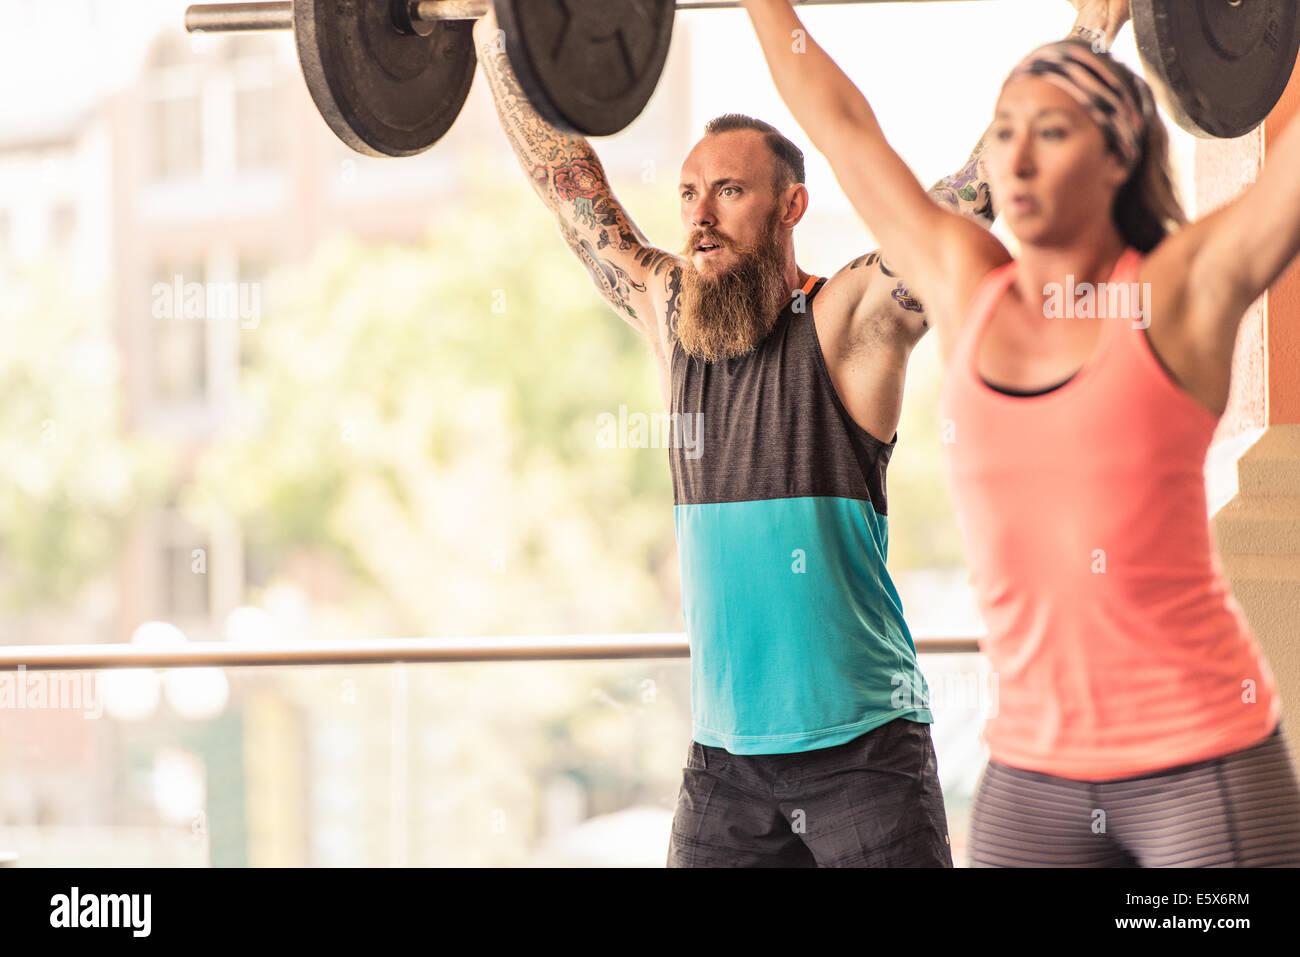 El hombre y la mujer, el levantamiento de pesas Imagen De Stock